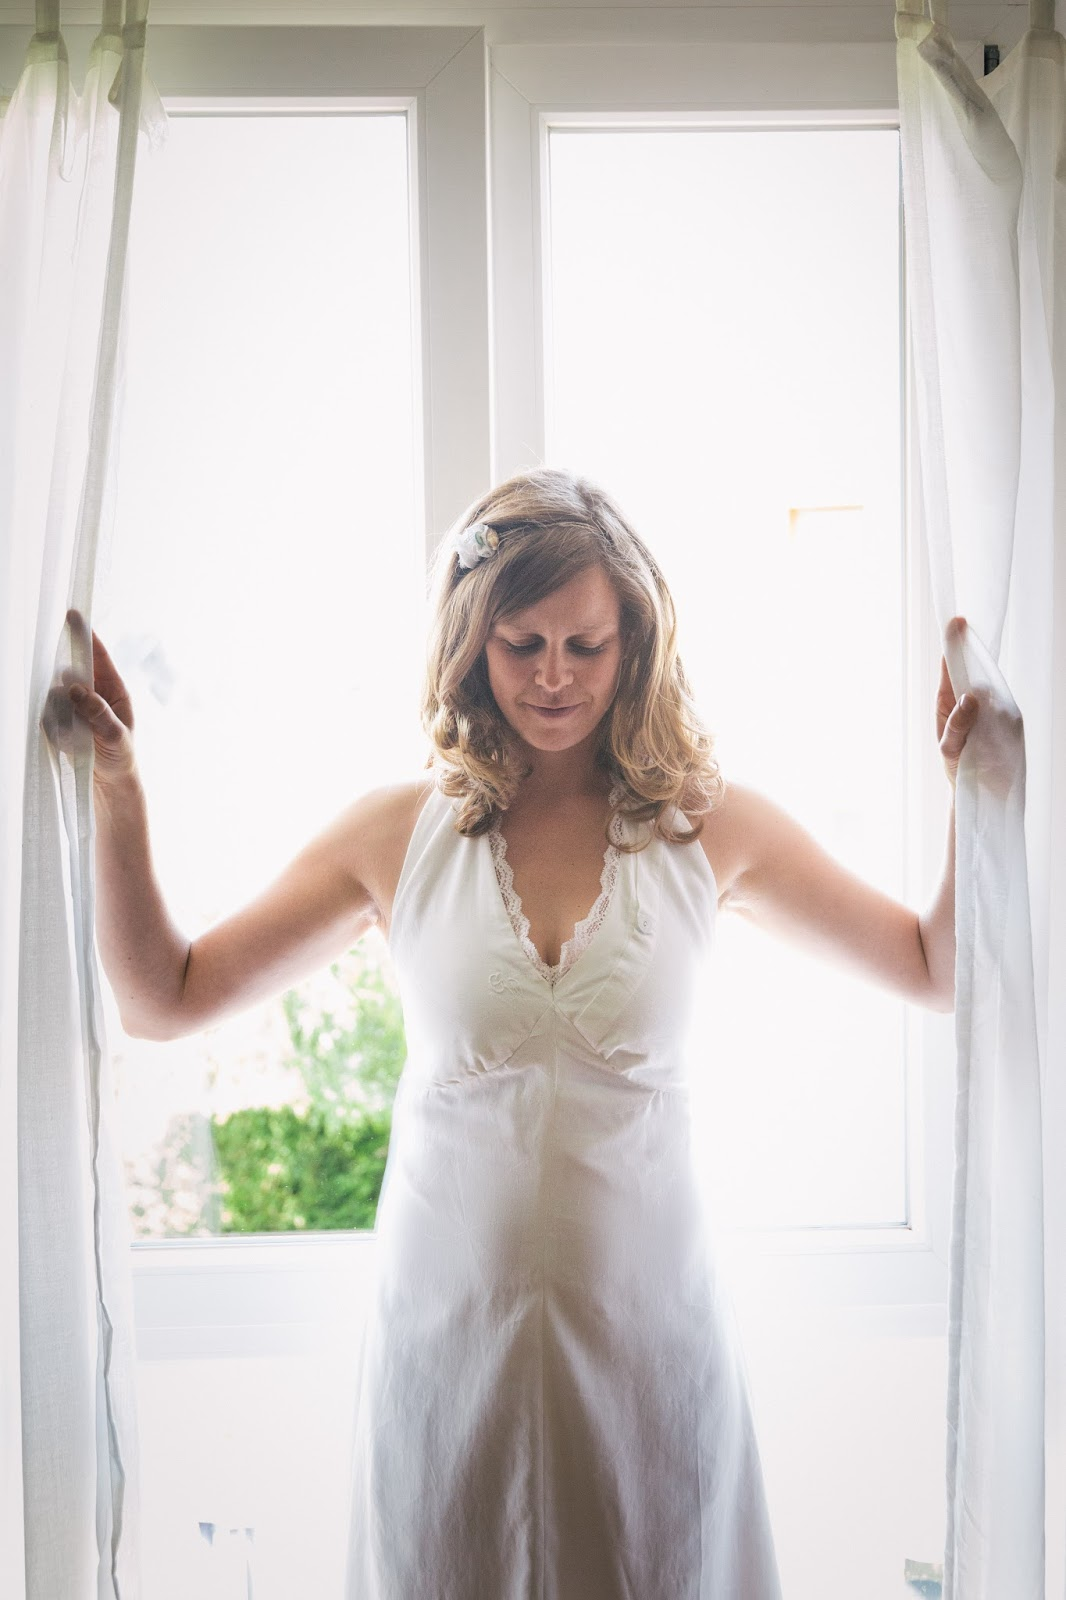 Berühmt Recycling Hochzeitskleid Bilder - Brautkleider Ideen ...